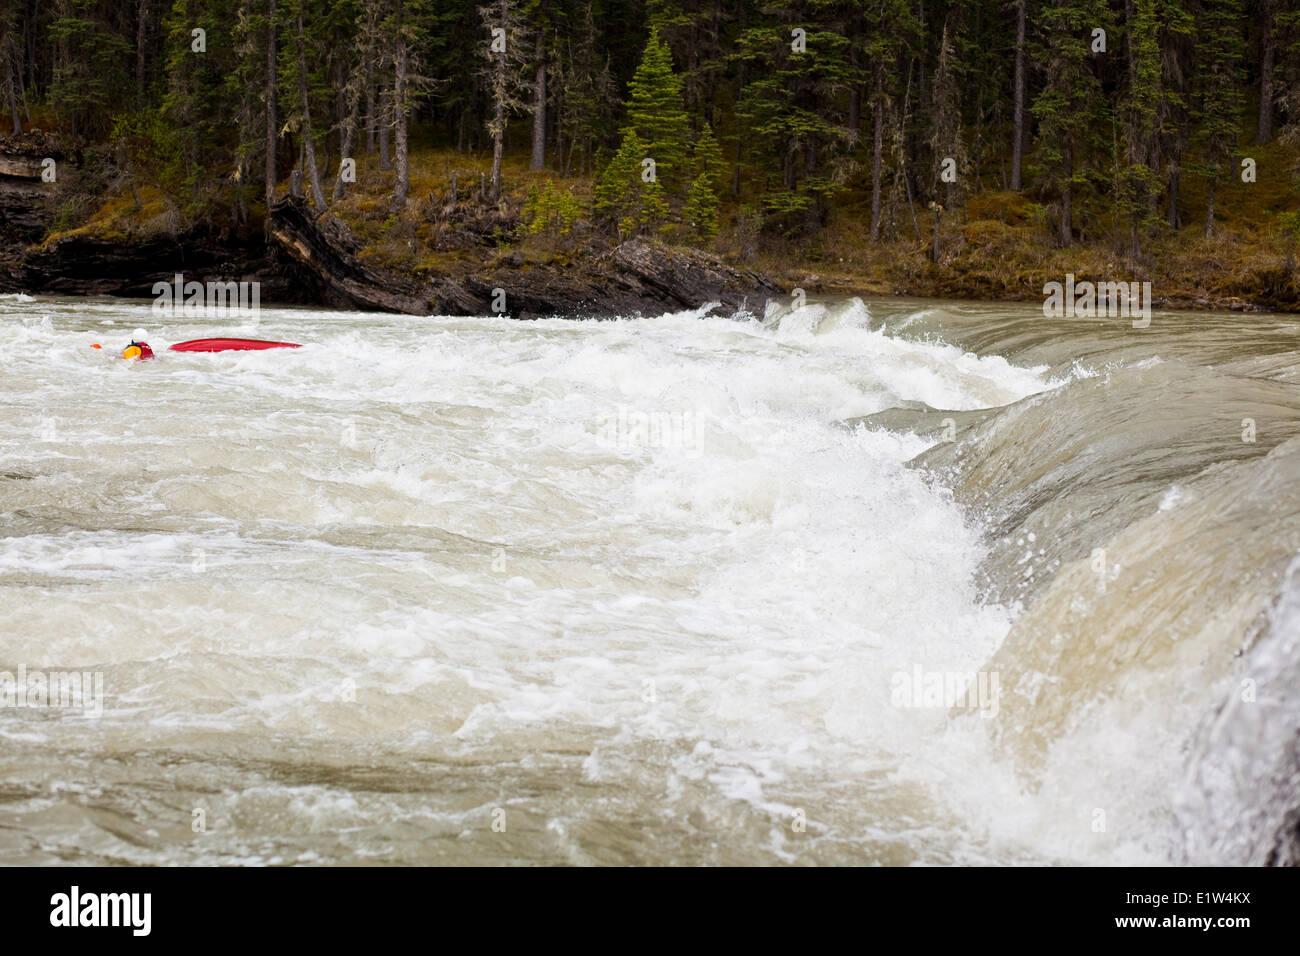 Una femmina di kayaker nuoto su un pericoloso veloce sul Red Deer River, AB Immagini Stock